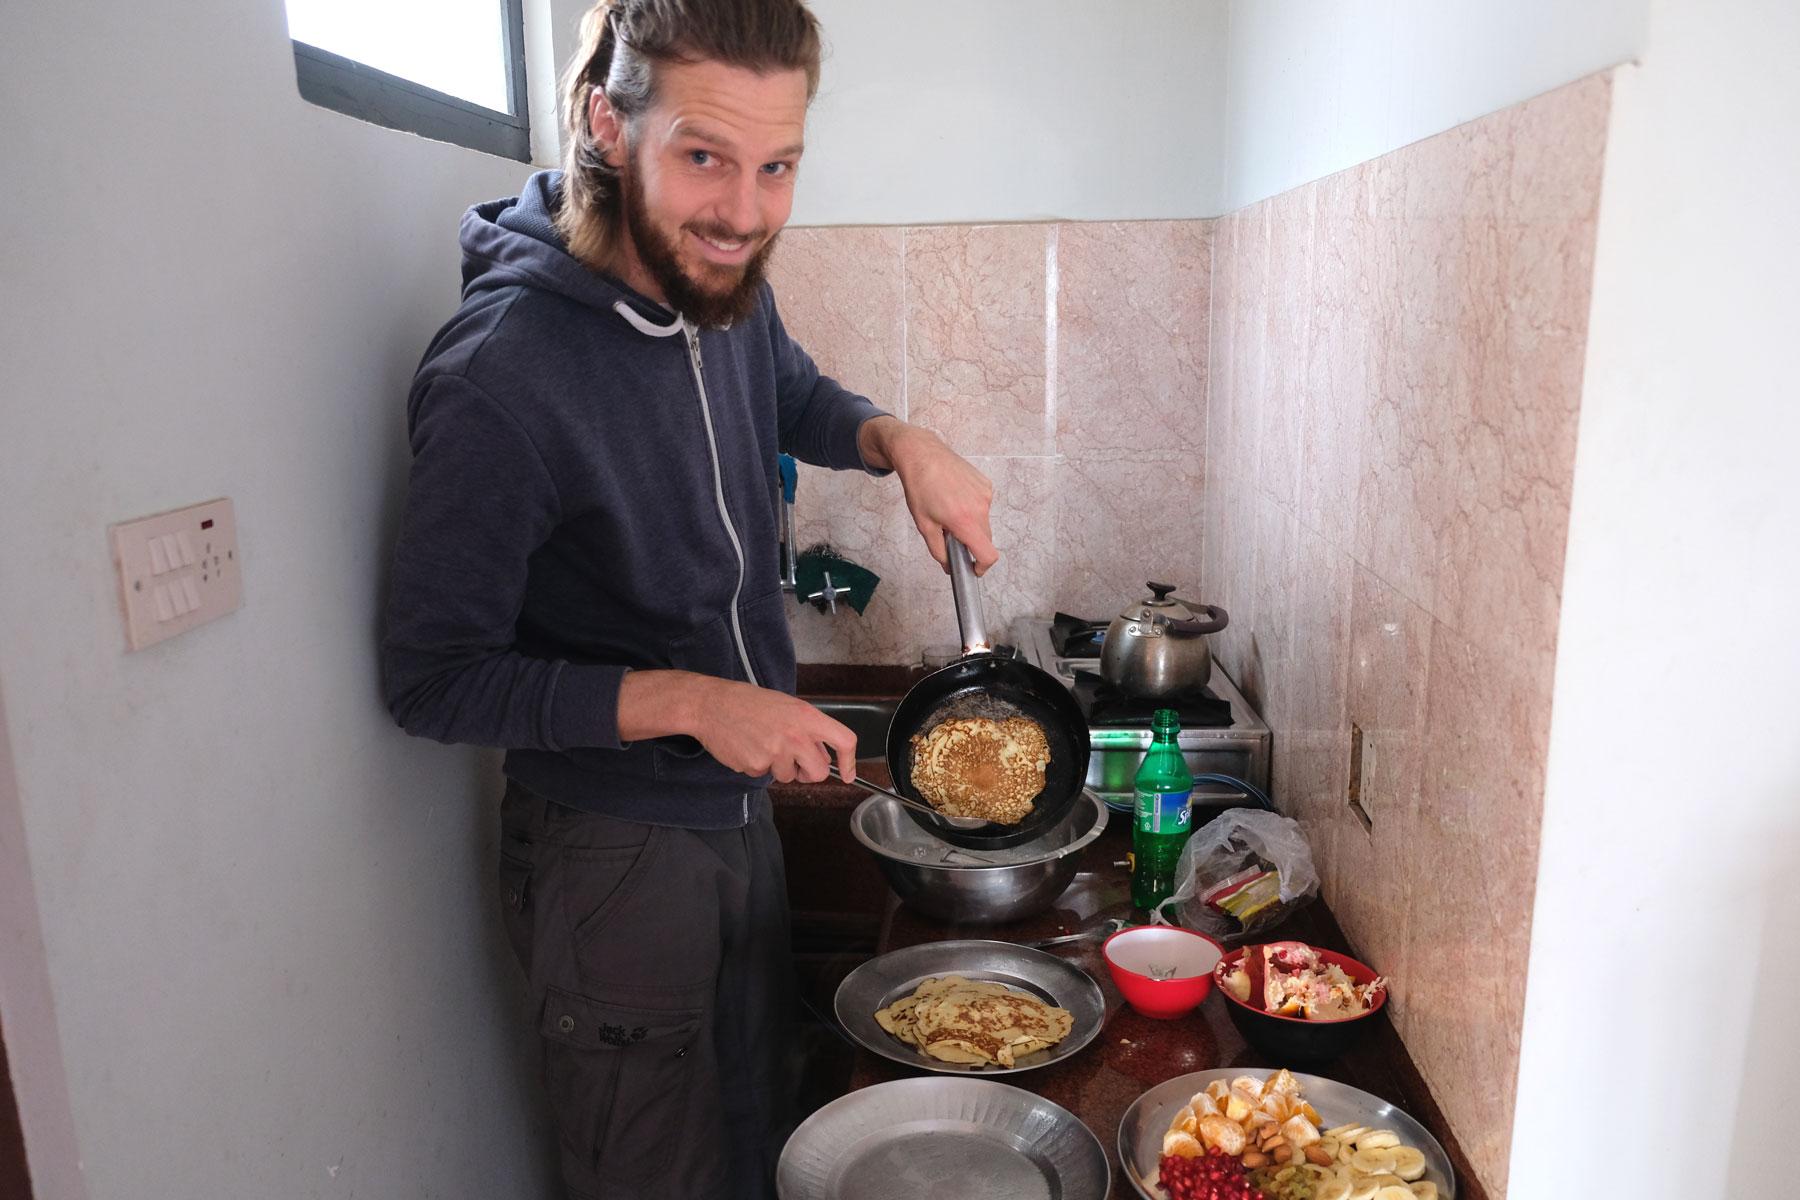 Sebastian kocht Pfannkuchen in einer kleinen Küche.